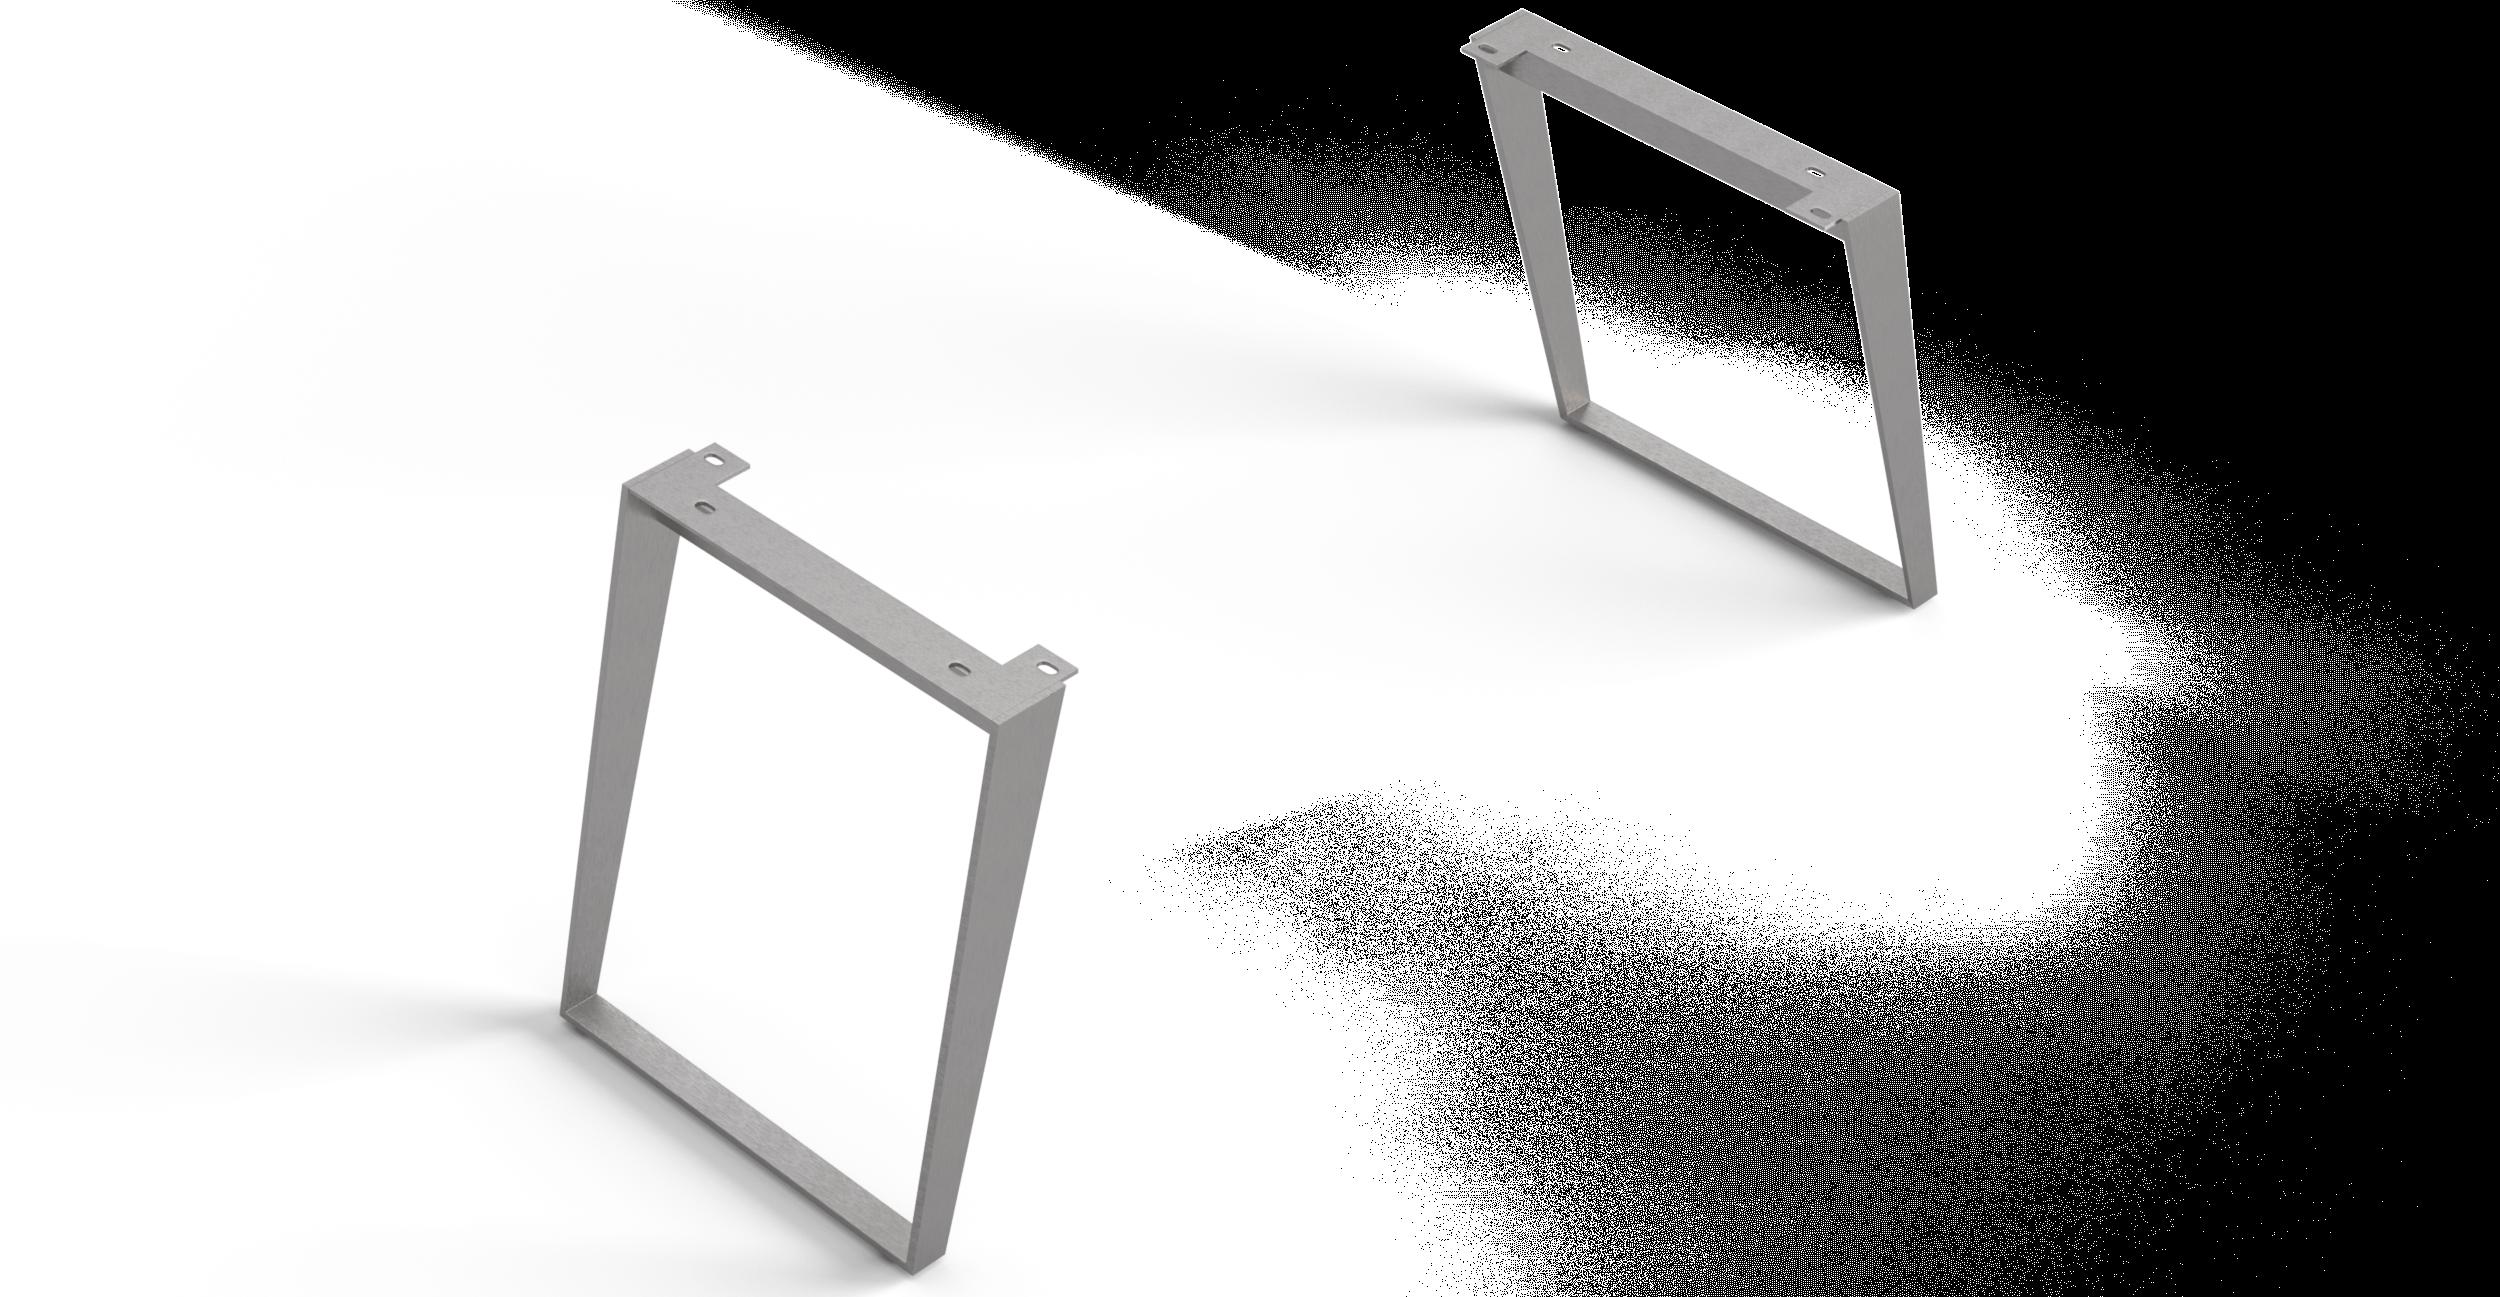 Esstische-Fuss Edge Serie 200cm Schräg